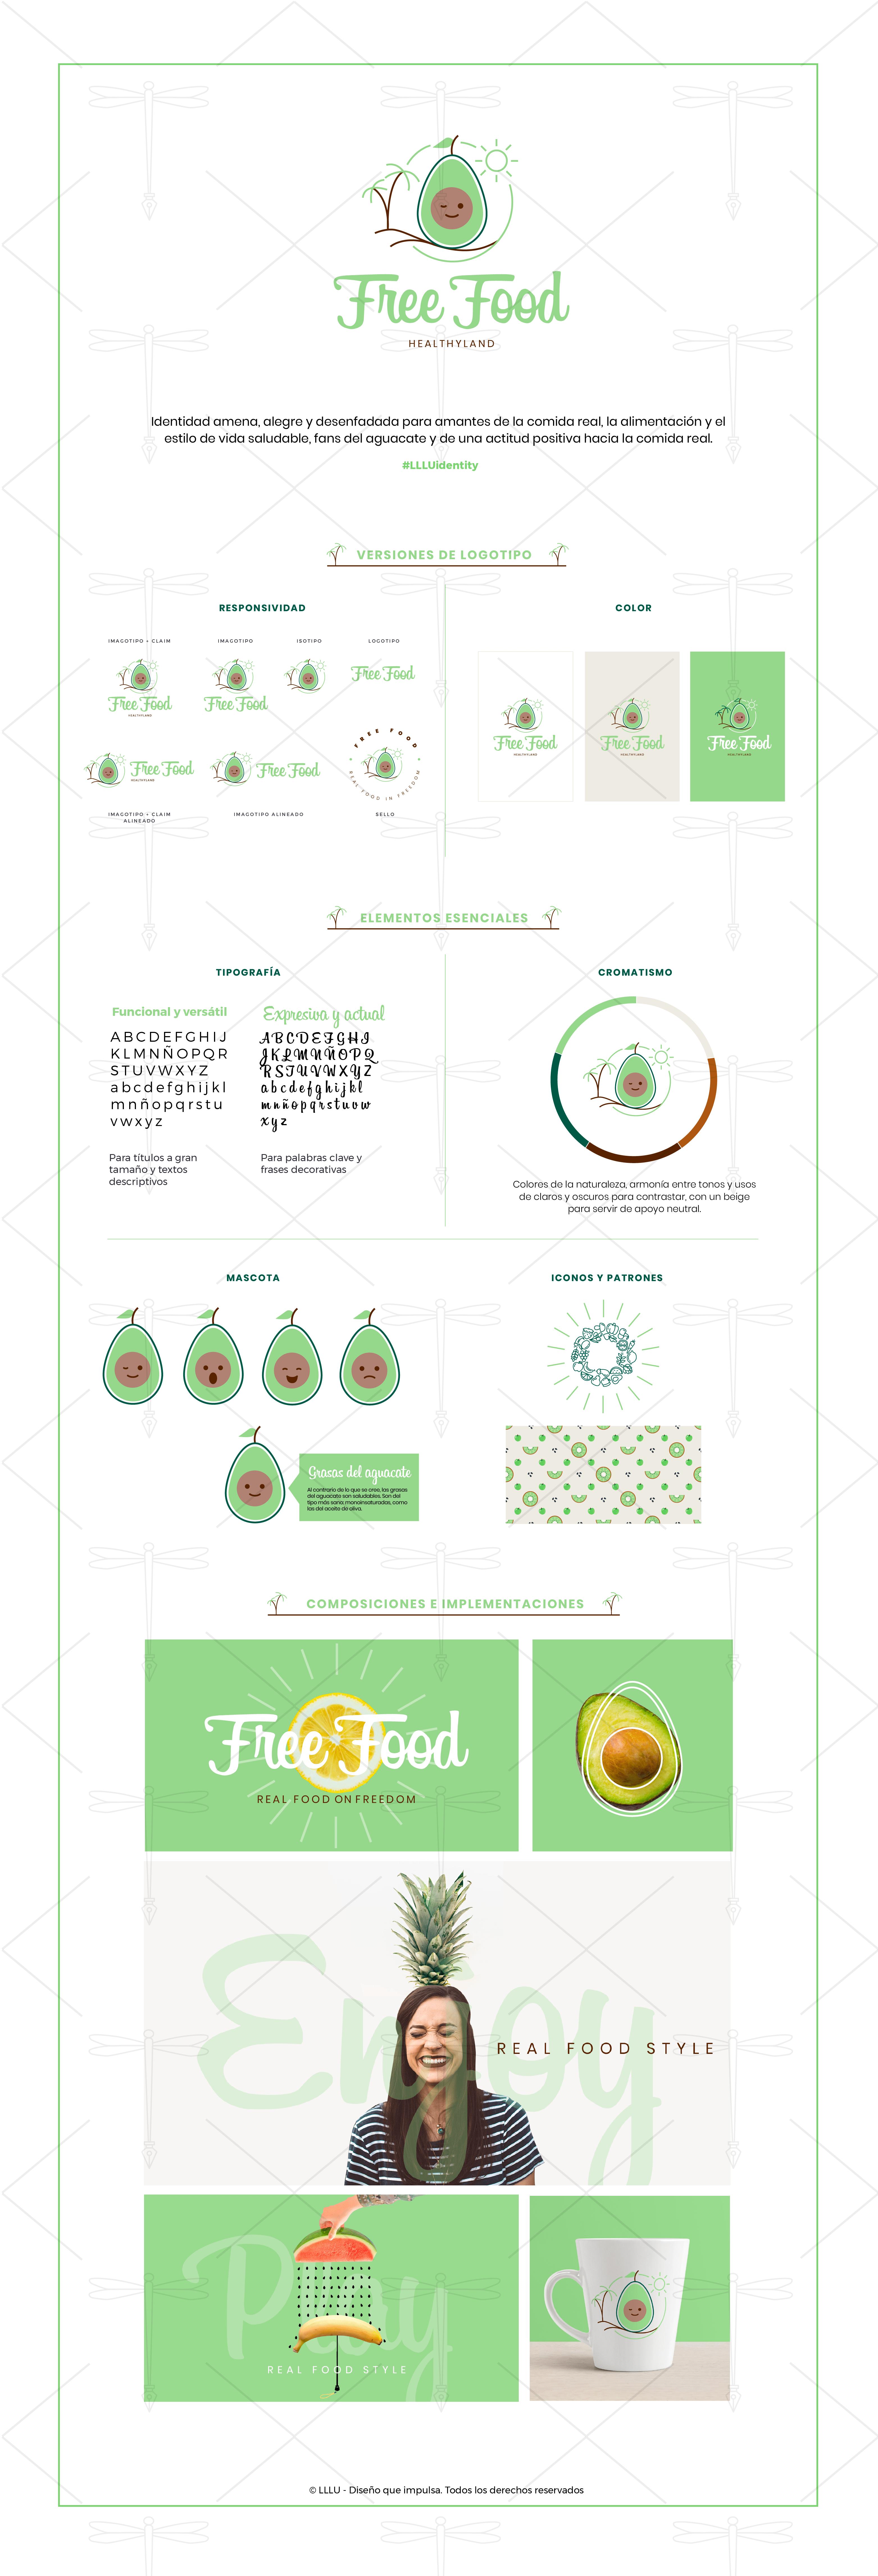 LLLU-Free-food-identidad